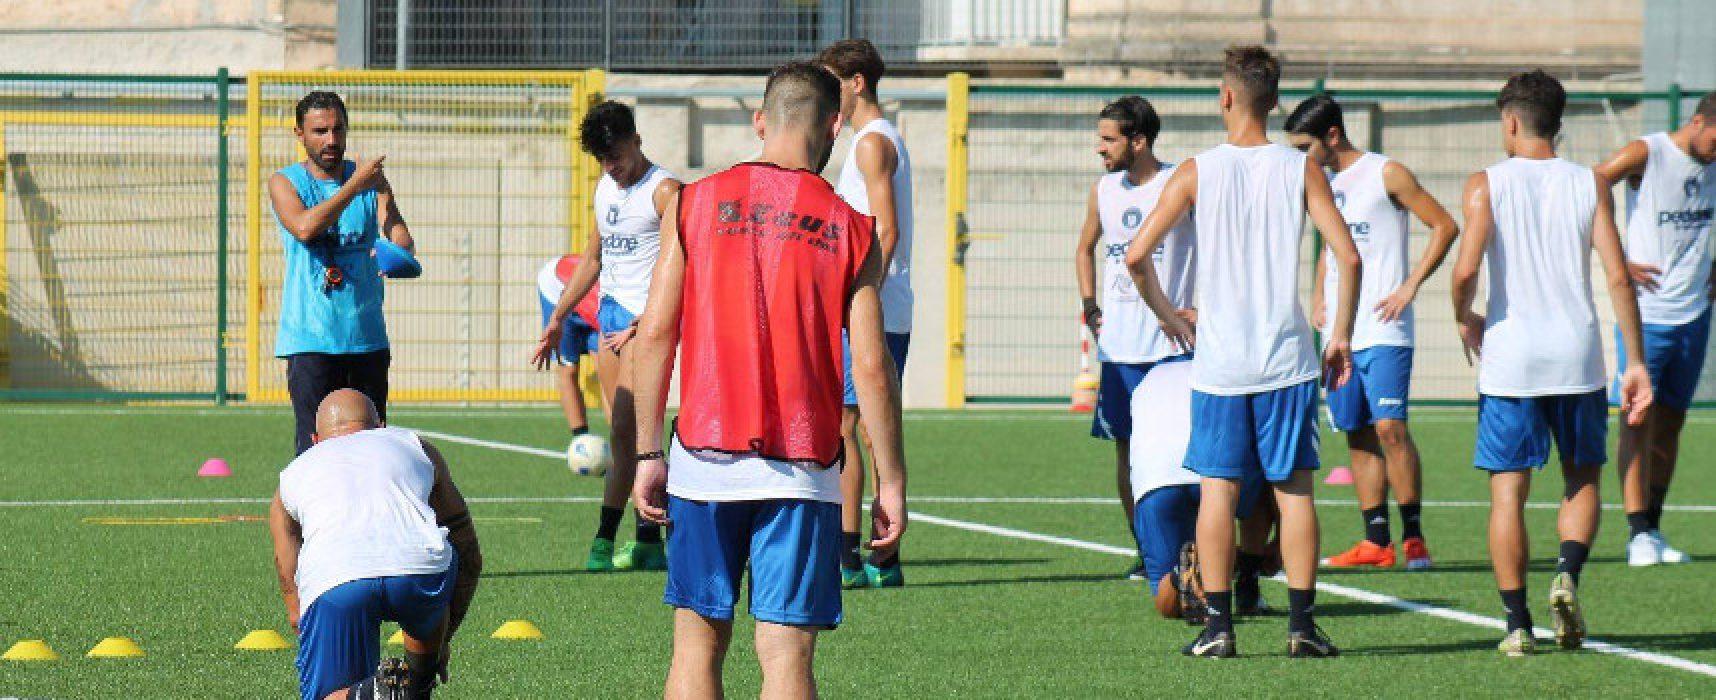 Unione Calcio, ufficializzate le date di campionato e coppa Italia